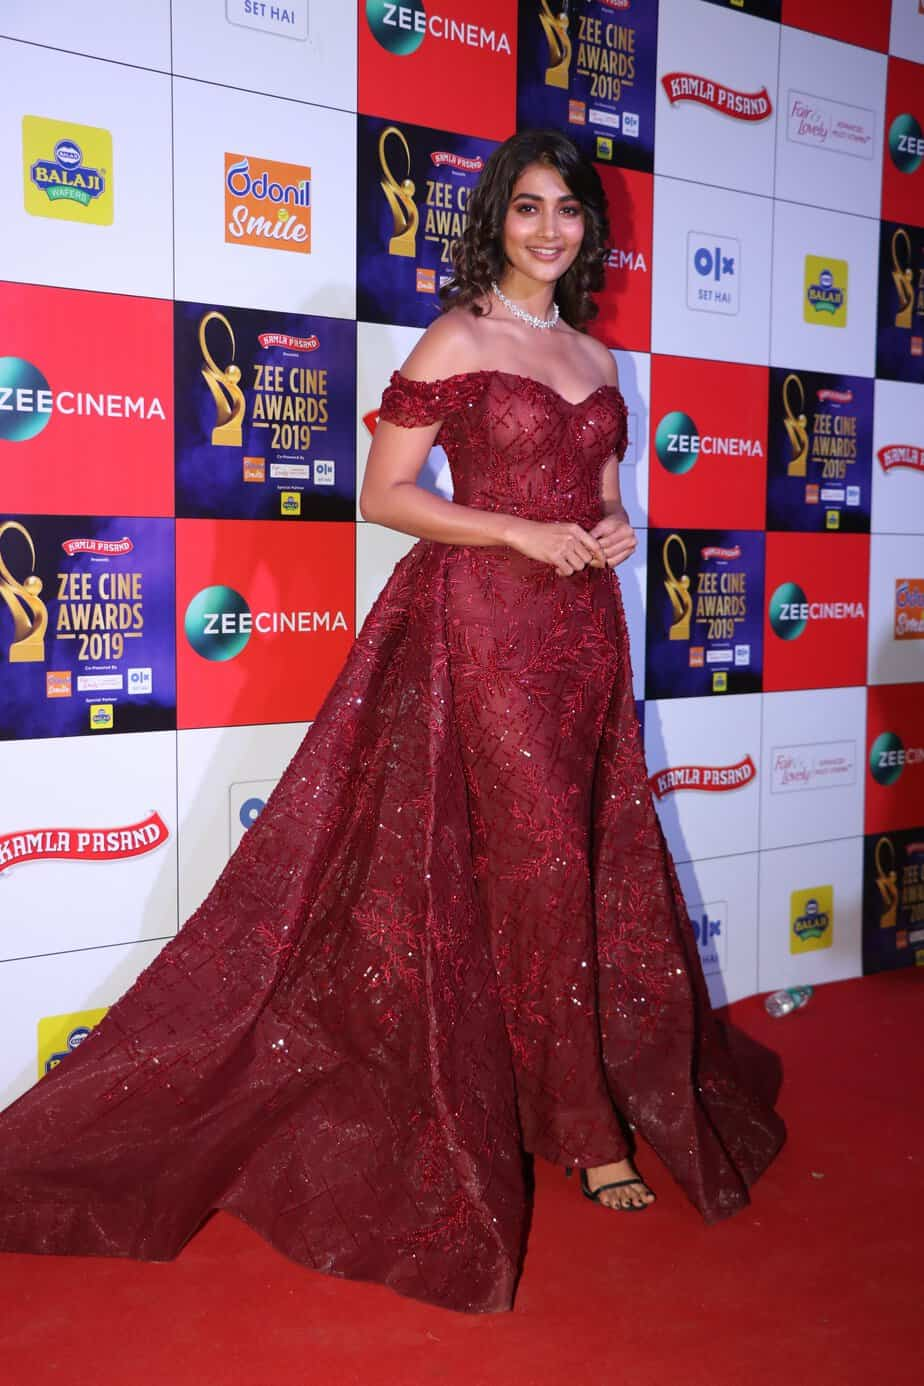 pooja hegde in maroon gown at zee cine awards 2019